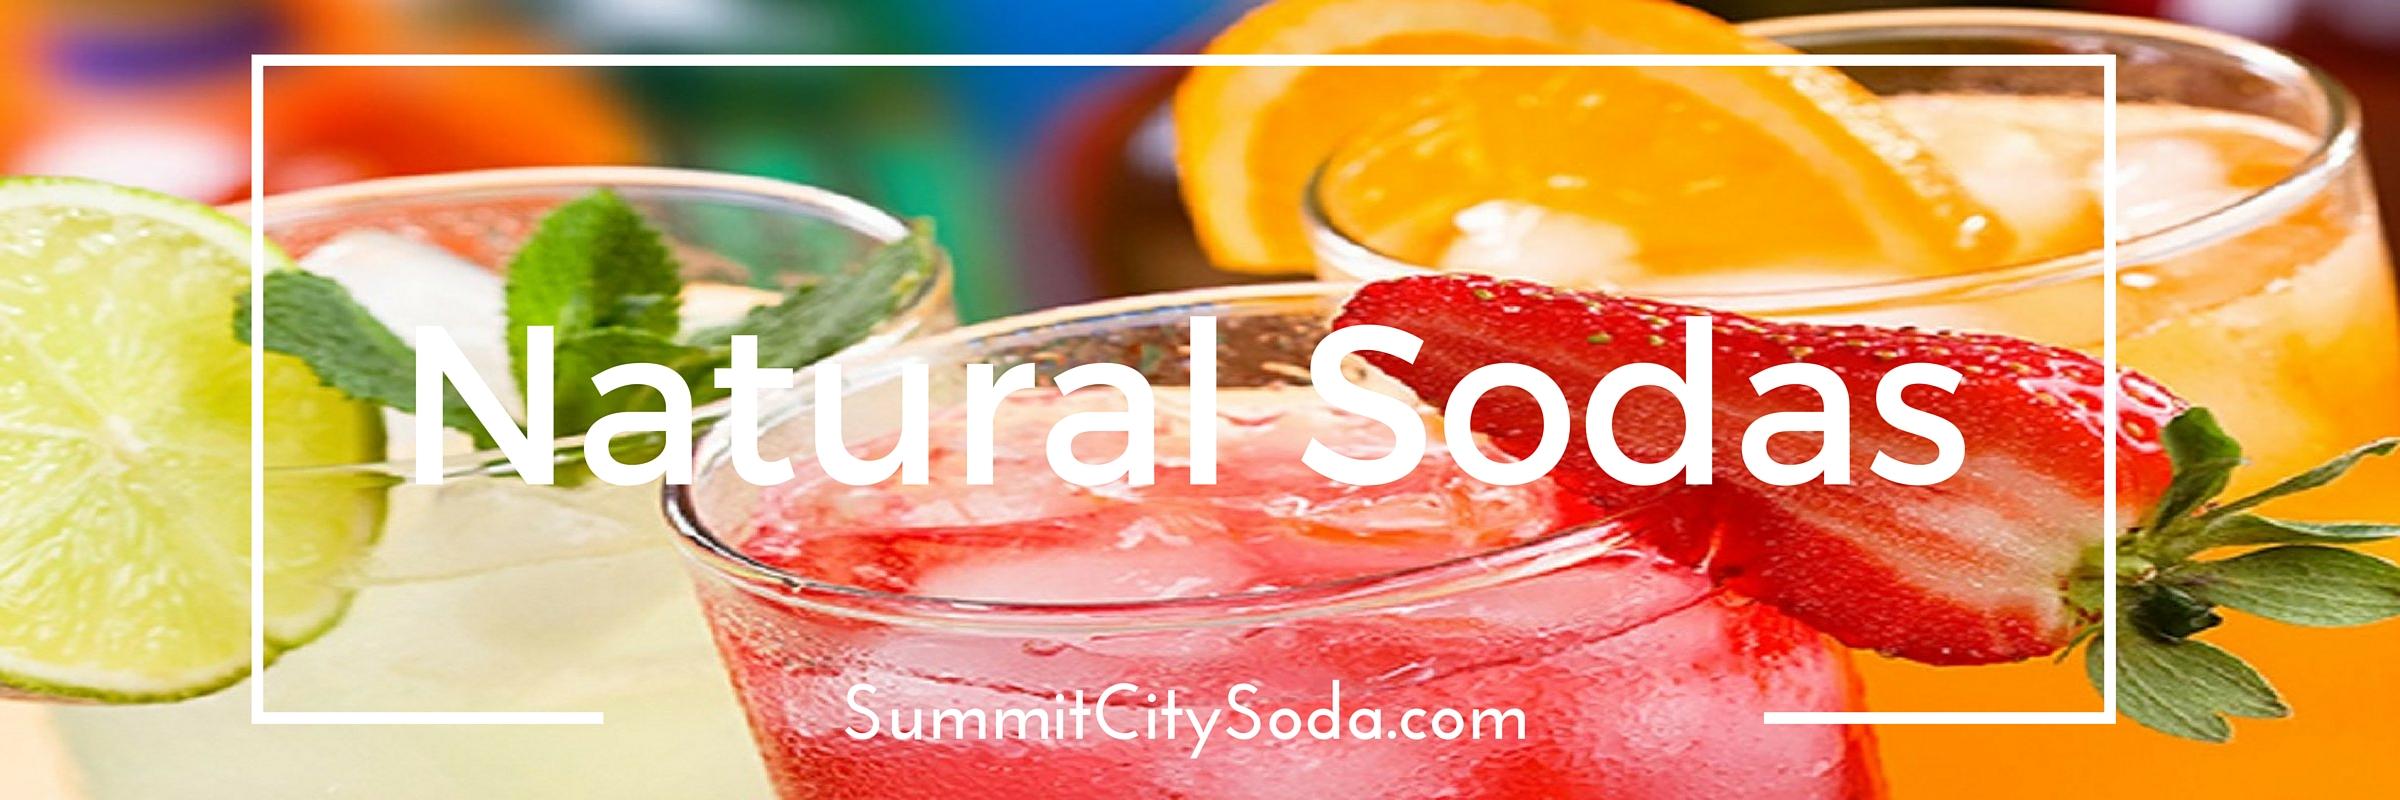 Fresh Natural Sodas at SummitCitySoda.com